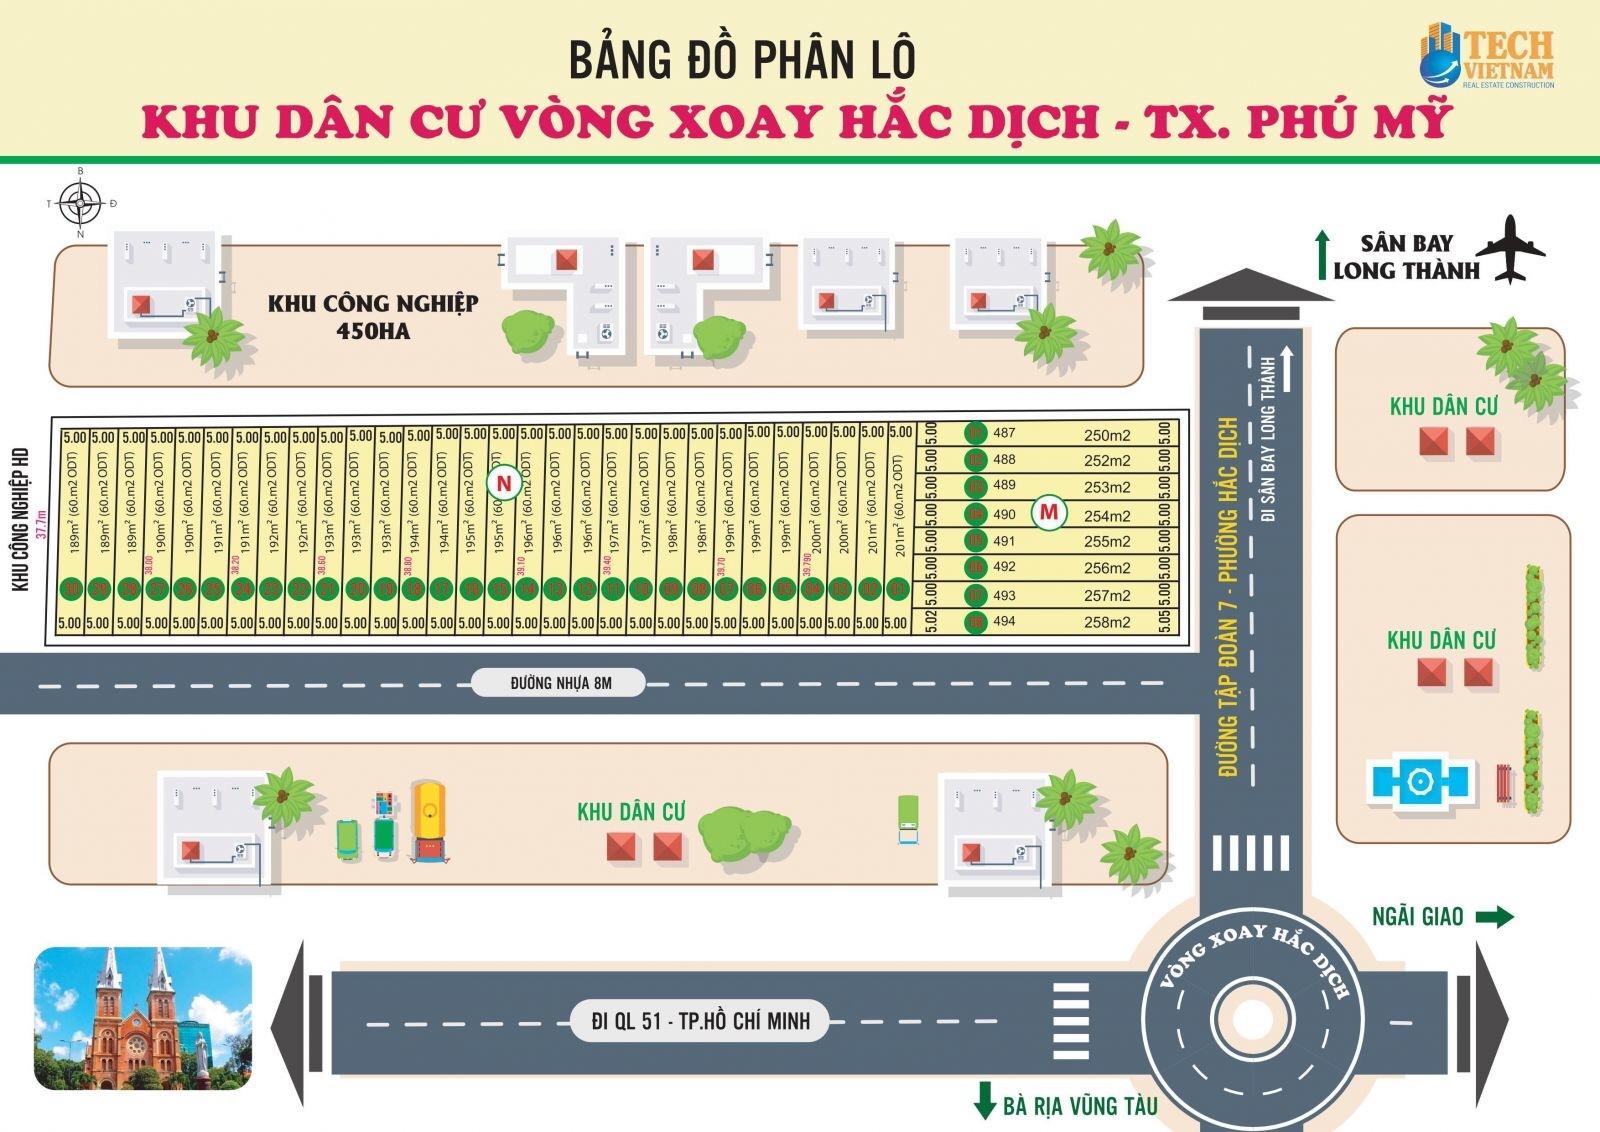 Bán đất sổ hồng liền tay gần vòng xoay Hắc Dịch, Tx Phú Mỹ